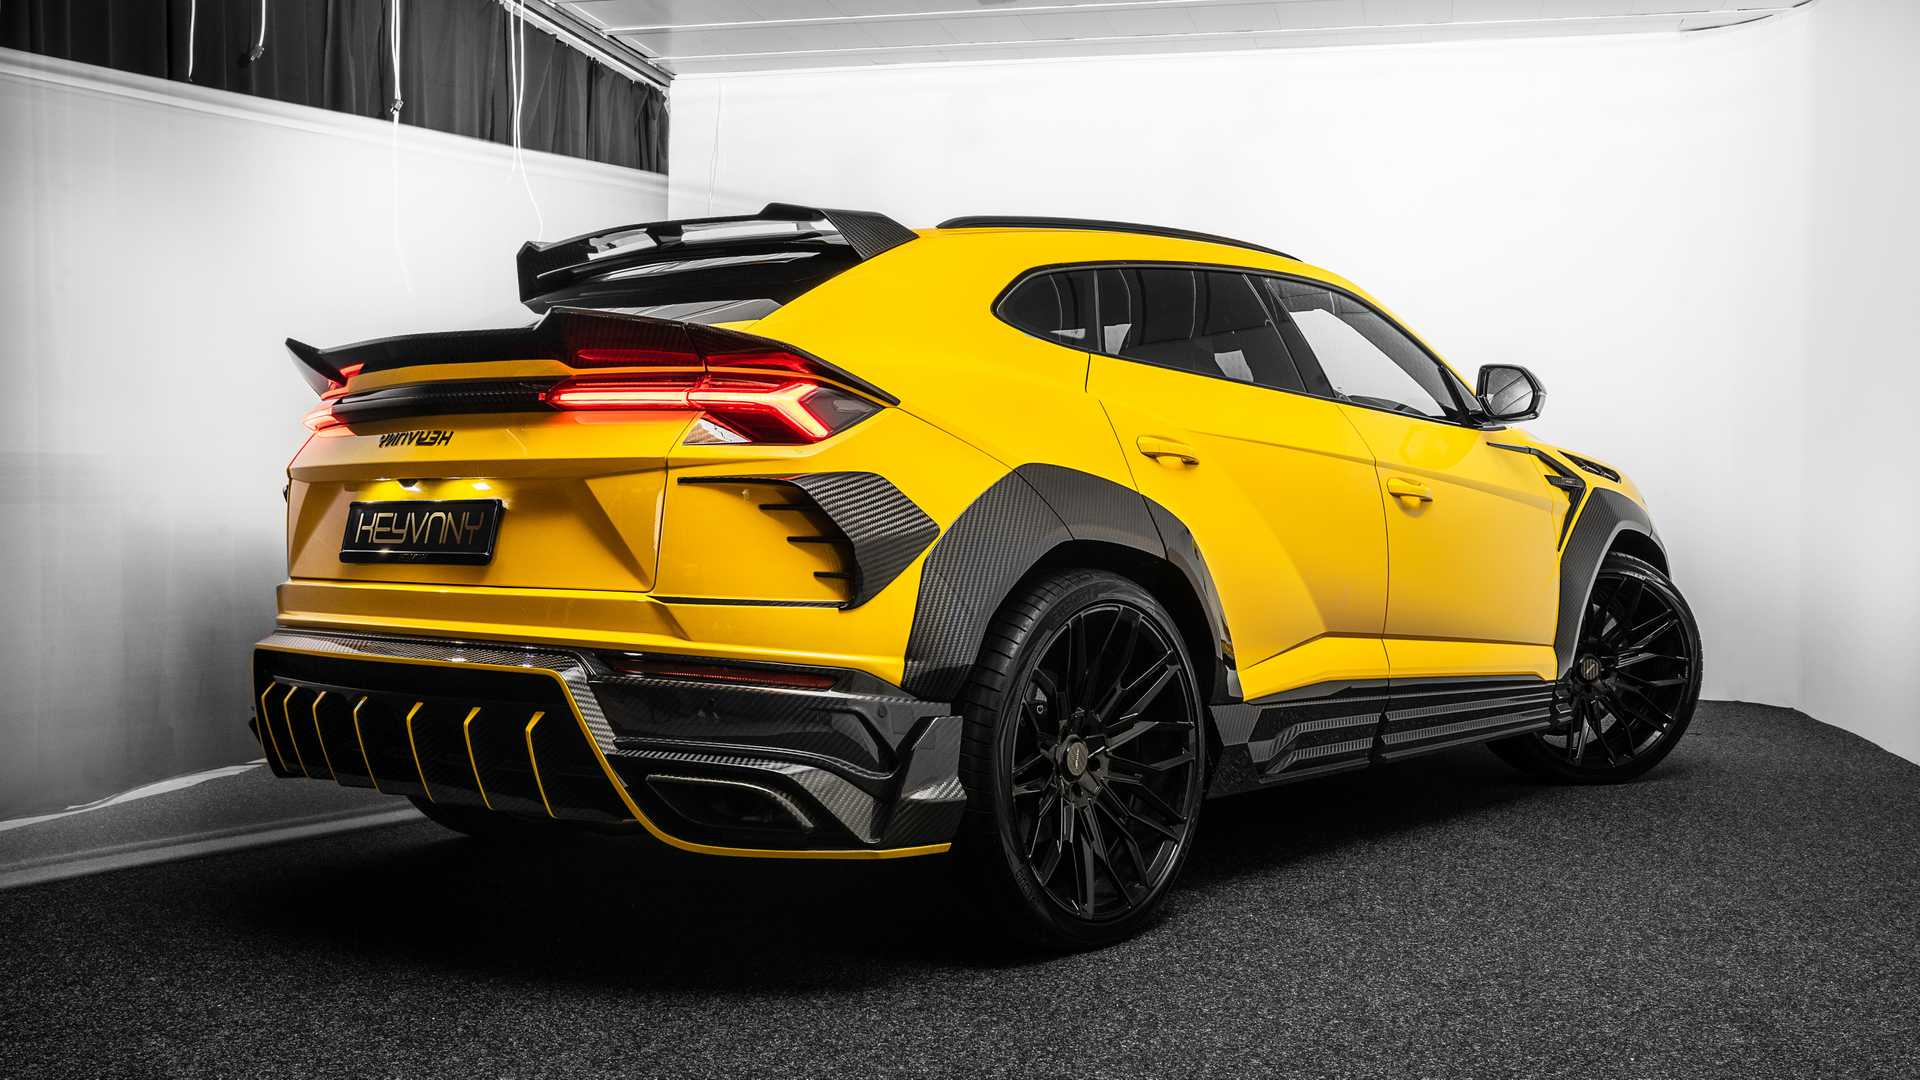 2020 Lamborghini Urus Review, Pricing, and Specs